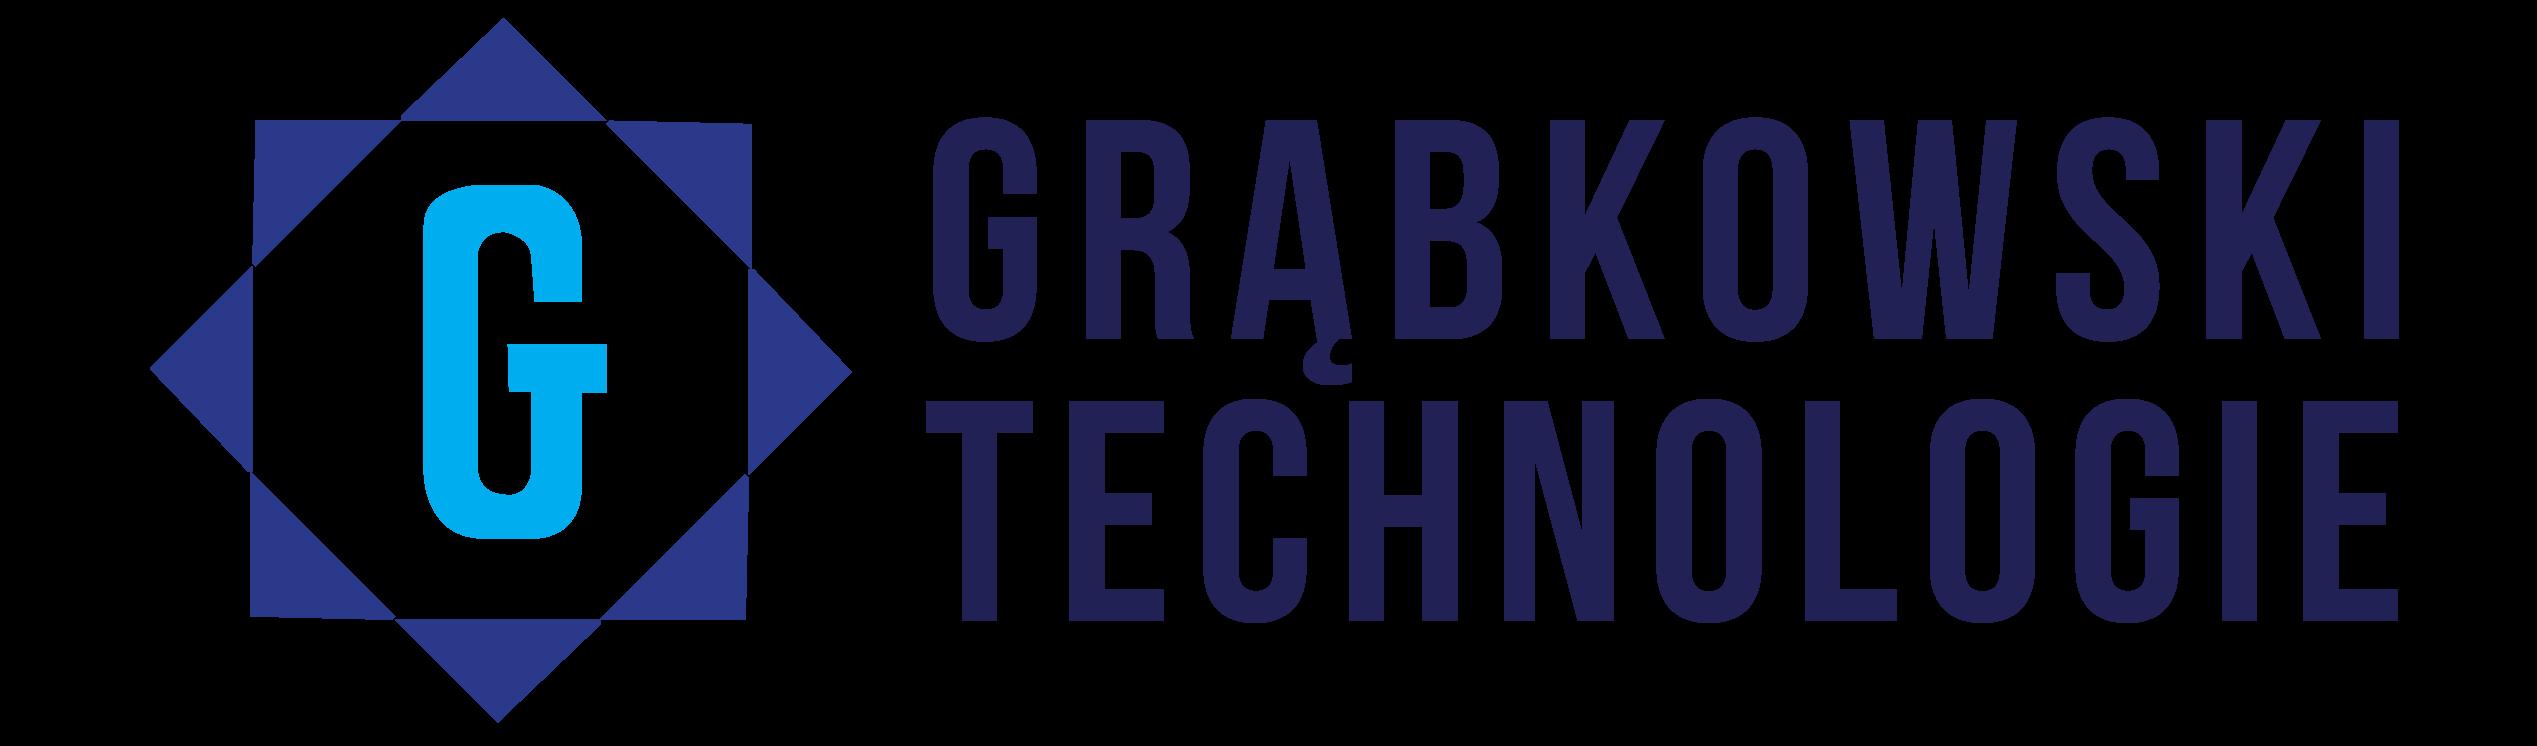 Grąbkowski Technologie